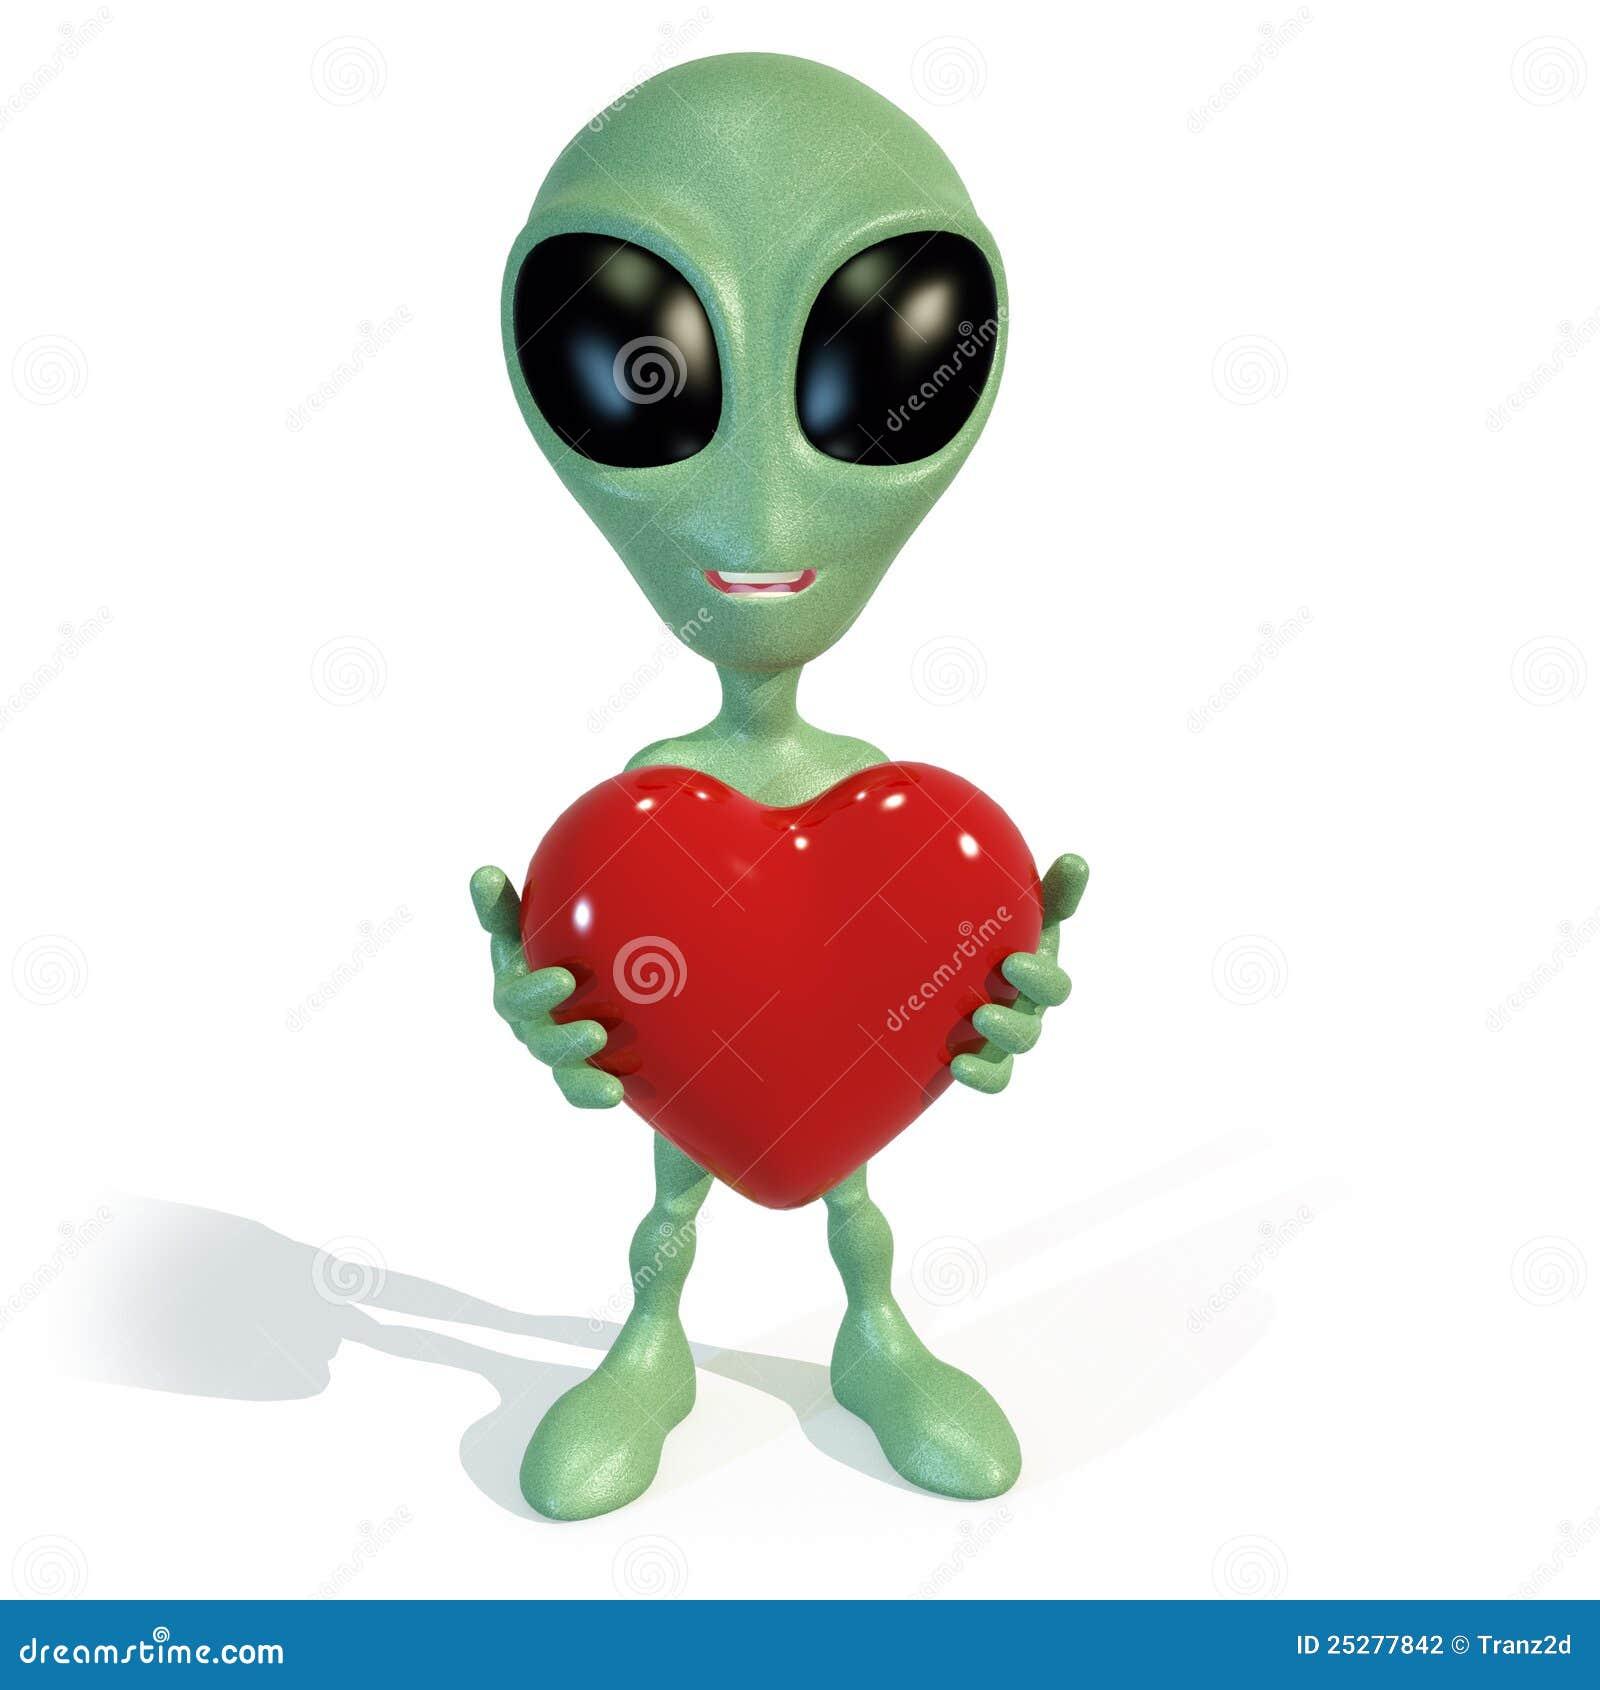 little green alien holding a red heart stock illustration